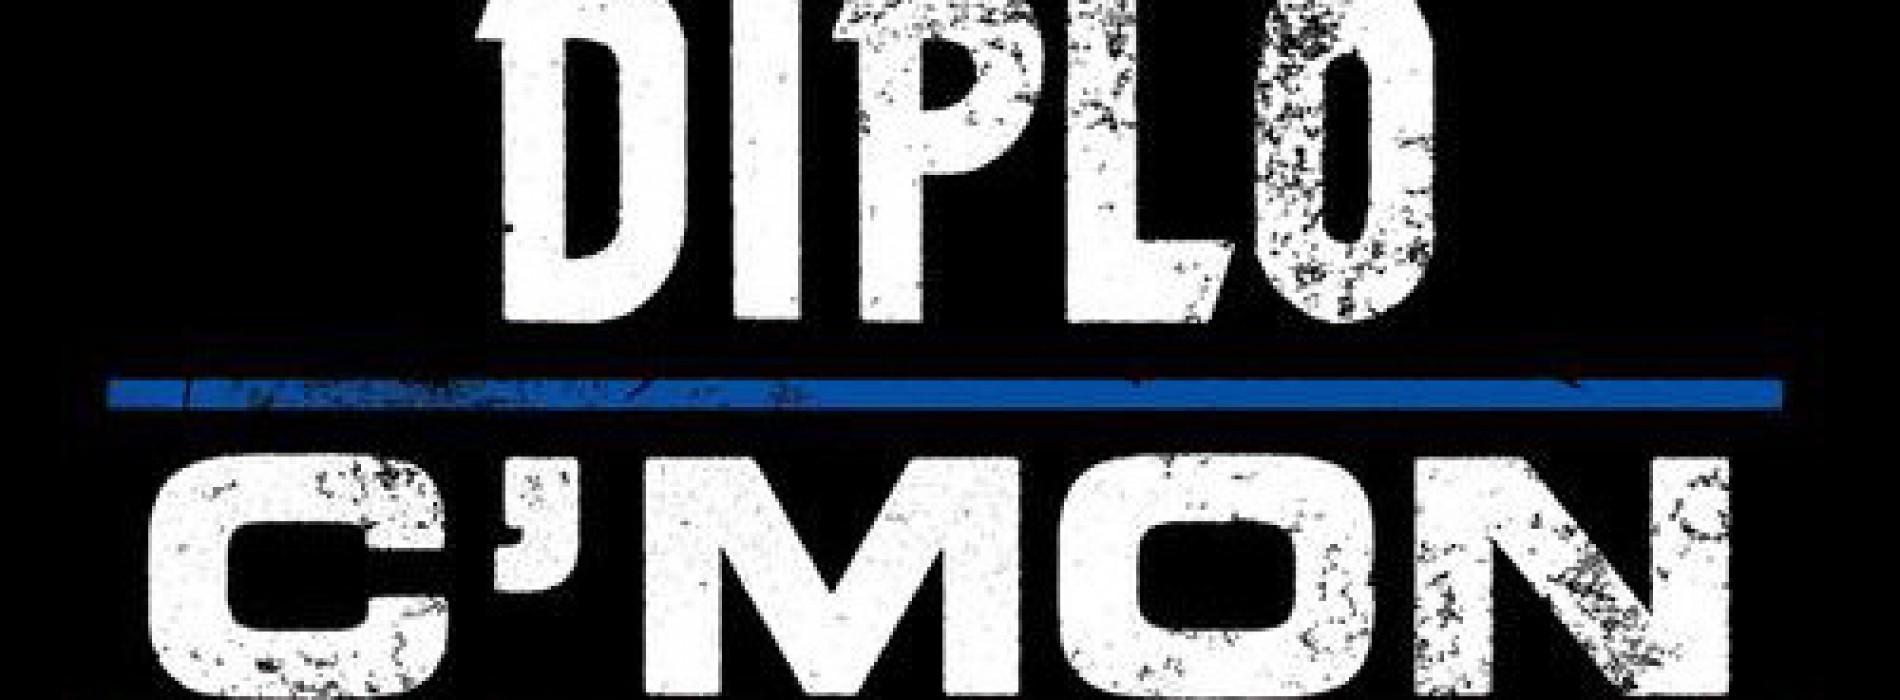 Tiësto vs. Diplo – C'mon (Dropwizz Twerk Bootleg)